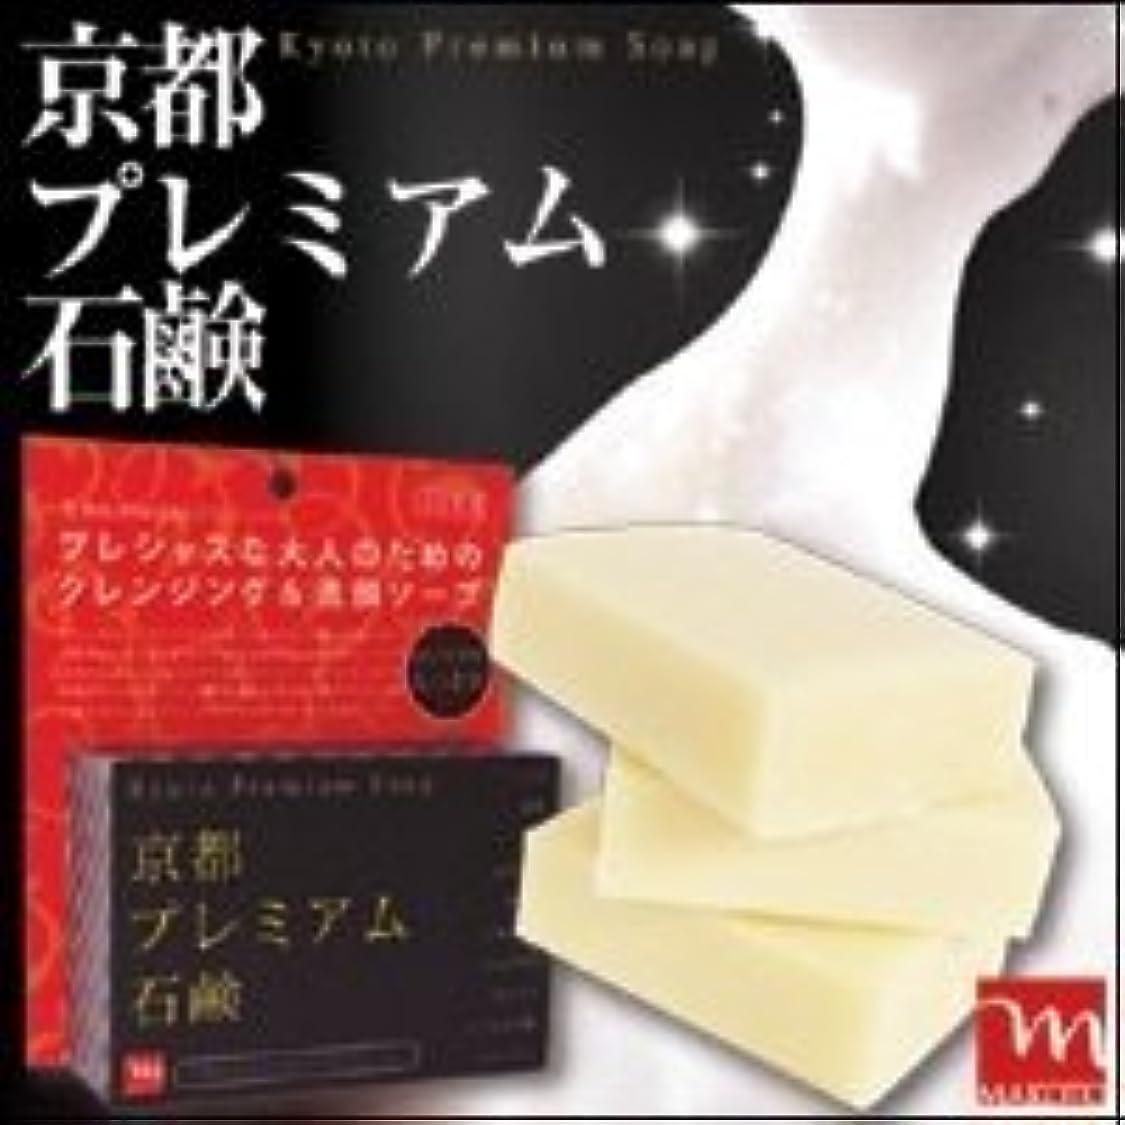 統計かわす否認する京都プレミアム 京都プレミアム石鹸 120g 3個セット